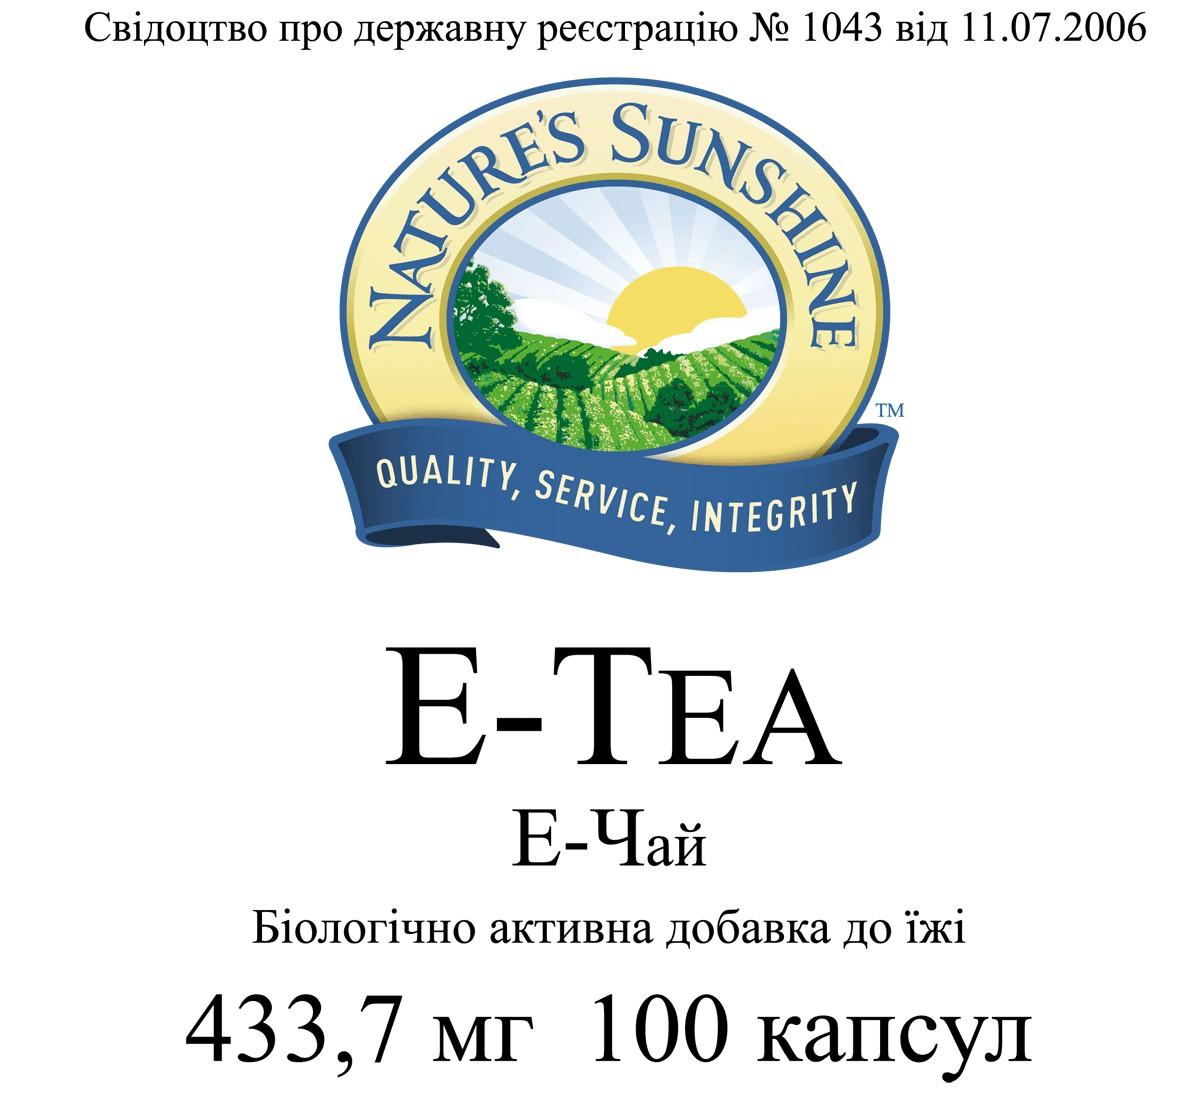 E-Tea [1360] (-10%)